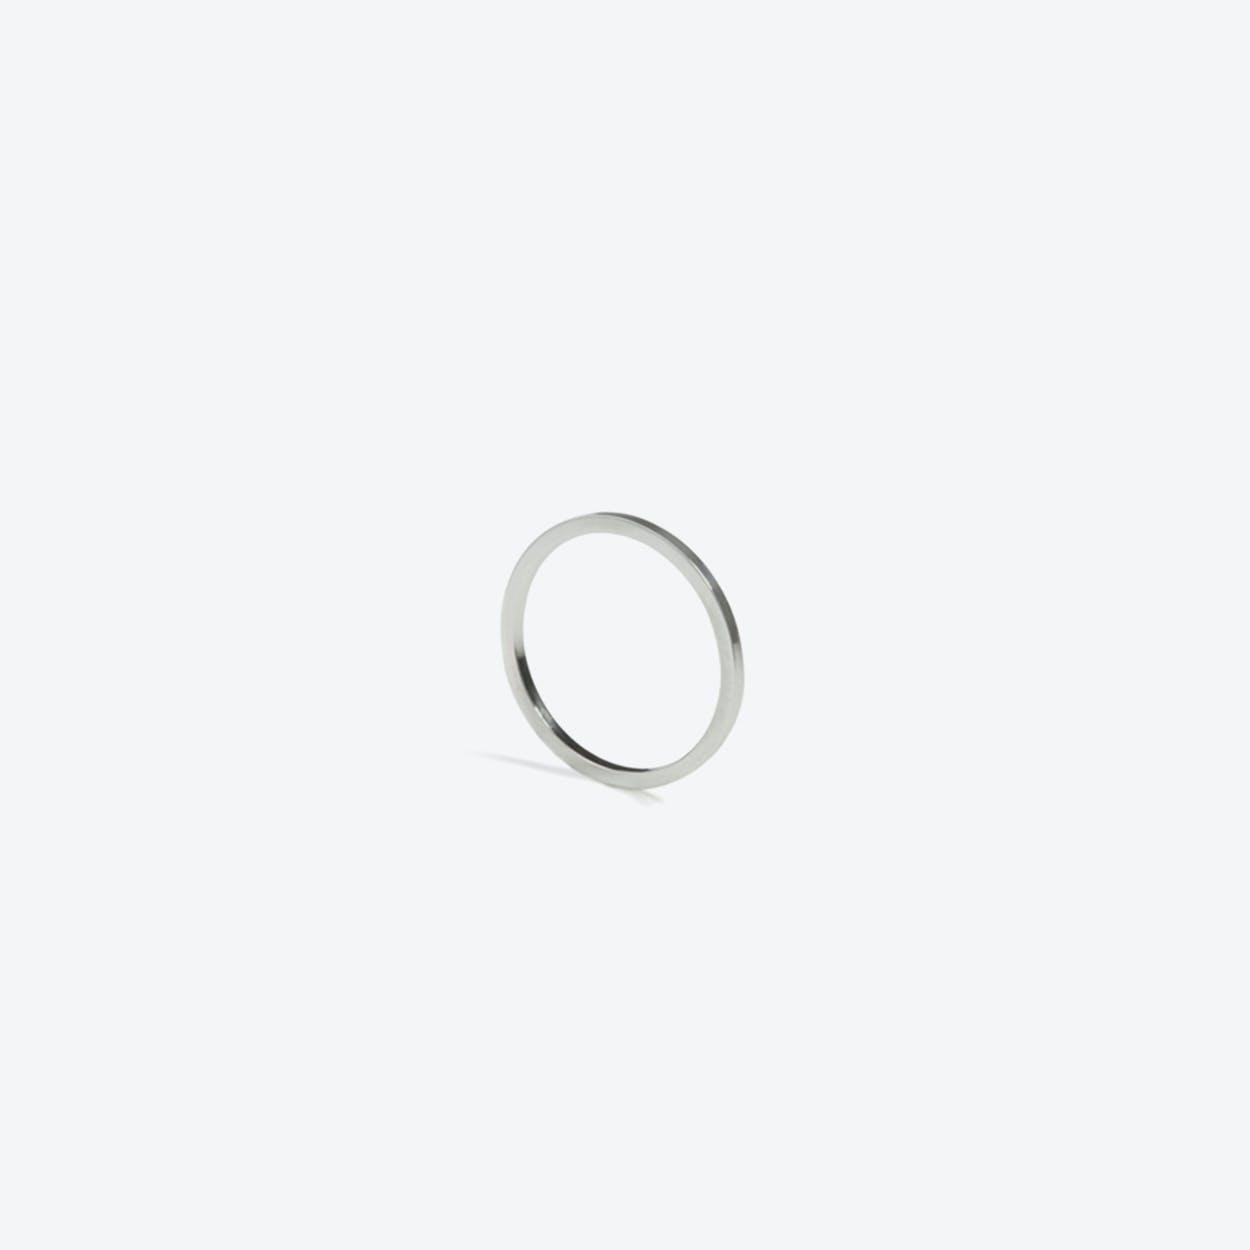 Square Skinny Ring in Silver